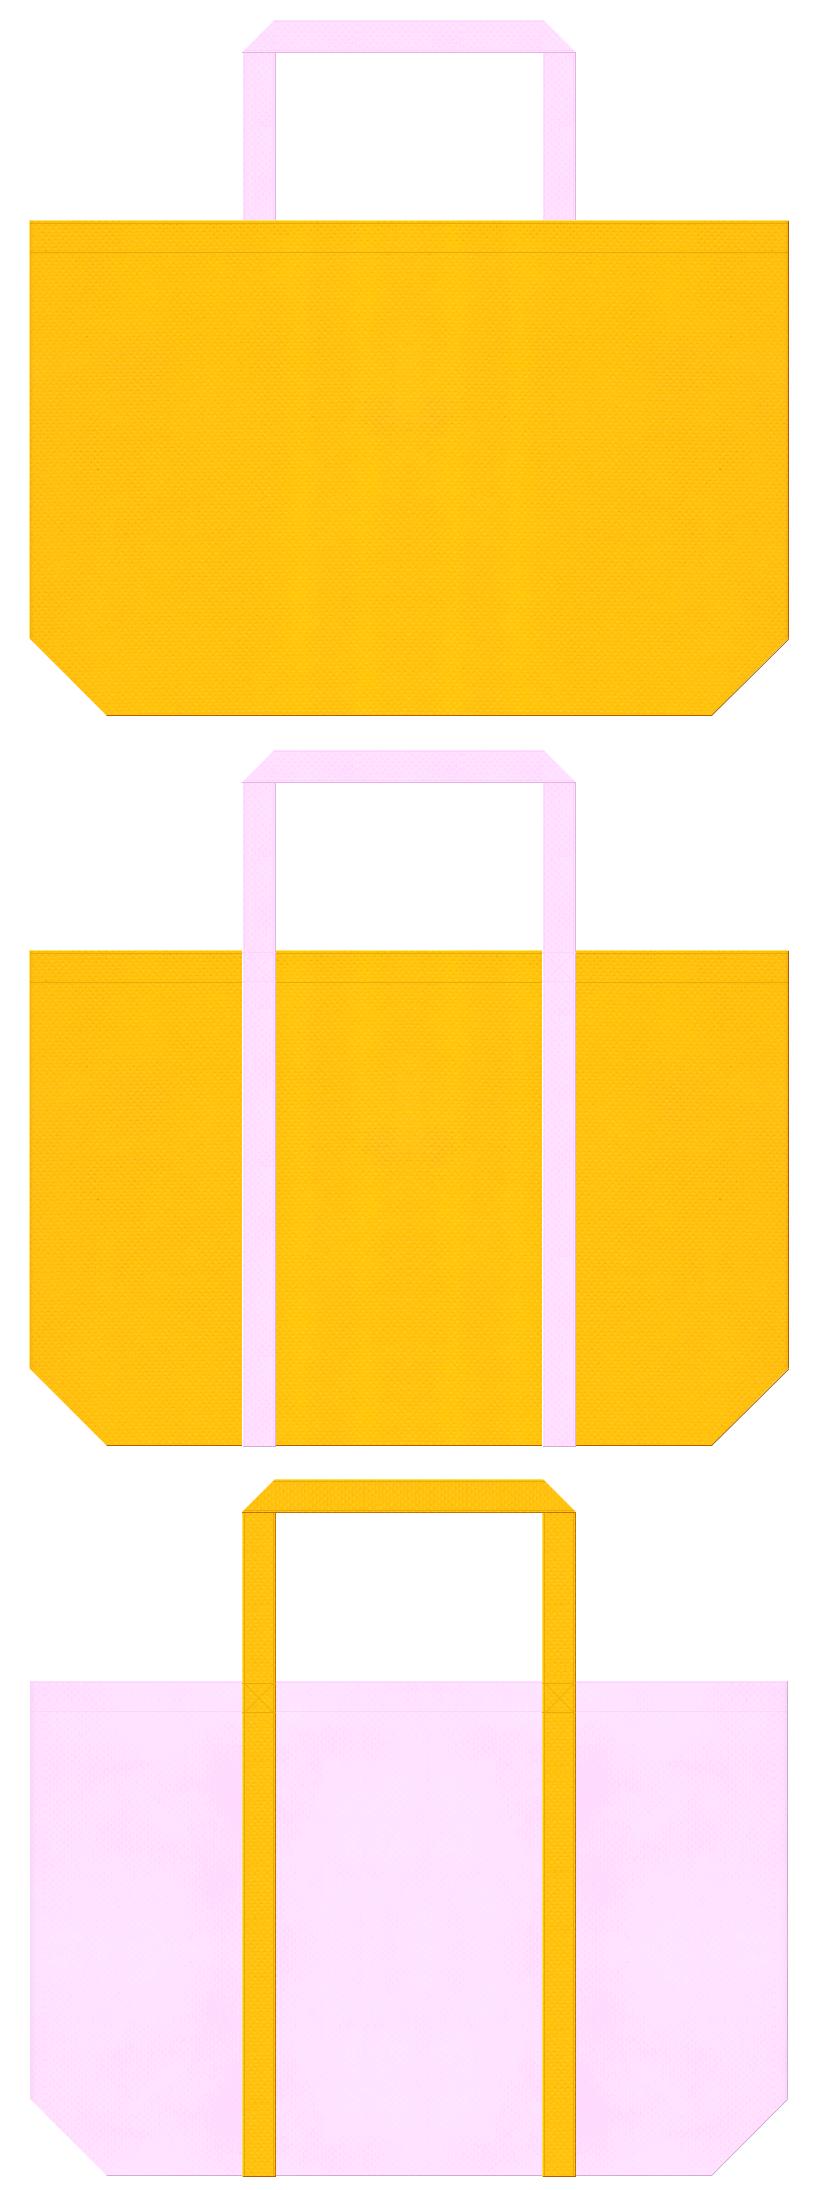 入園・入学・絵本・おとぎ話・月・星・エンジェル・ピエロ・プリンセス・おもちゃの兵隊・楽団・テーマパーク・菜の花・たまご・ひよこ・保育・通園バッグ・キッズイベントにお奨めの不織布バッグデザイン:黄色と明るいピンク色のコーデ